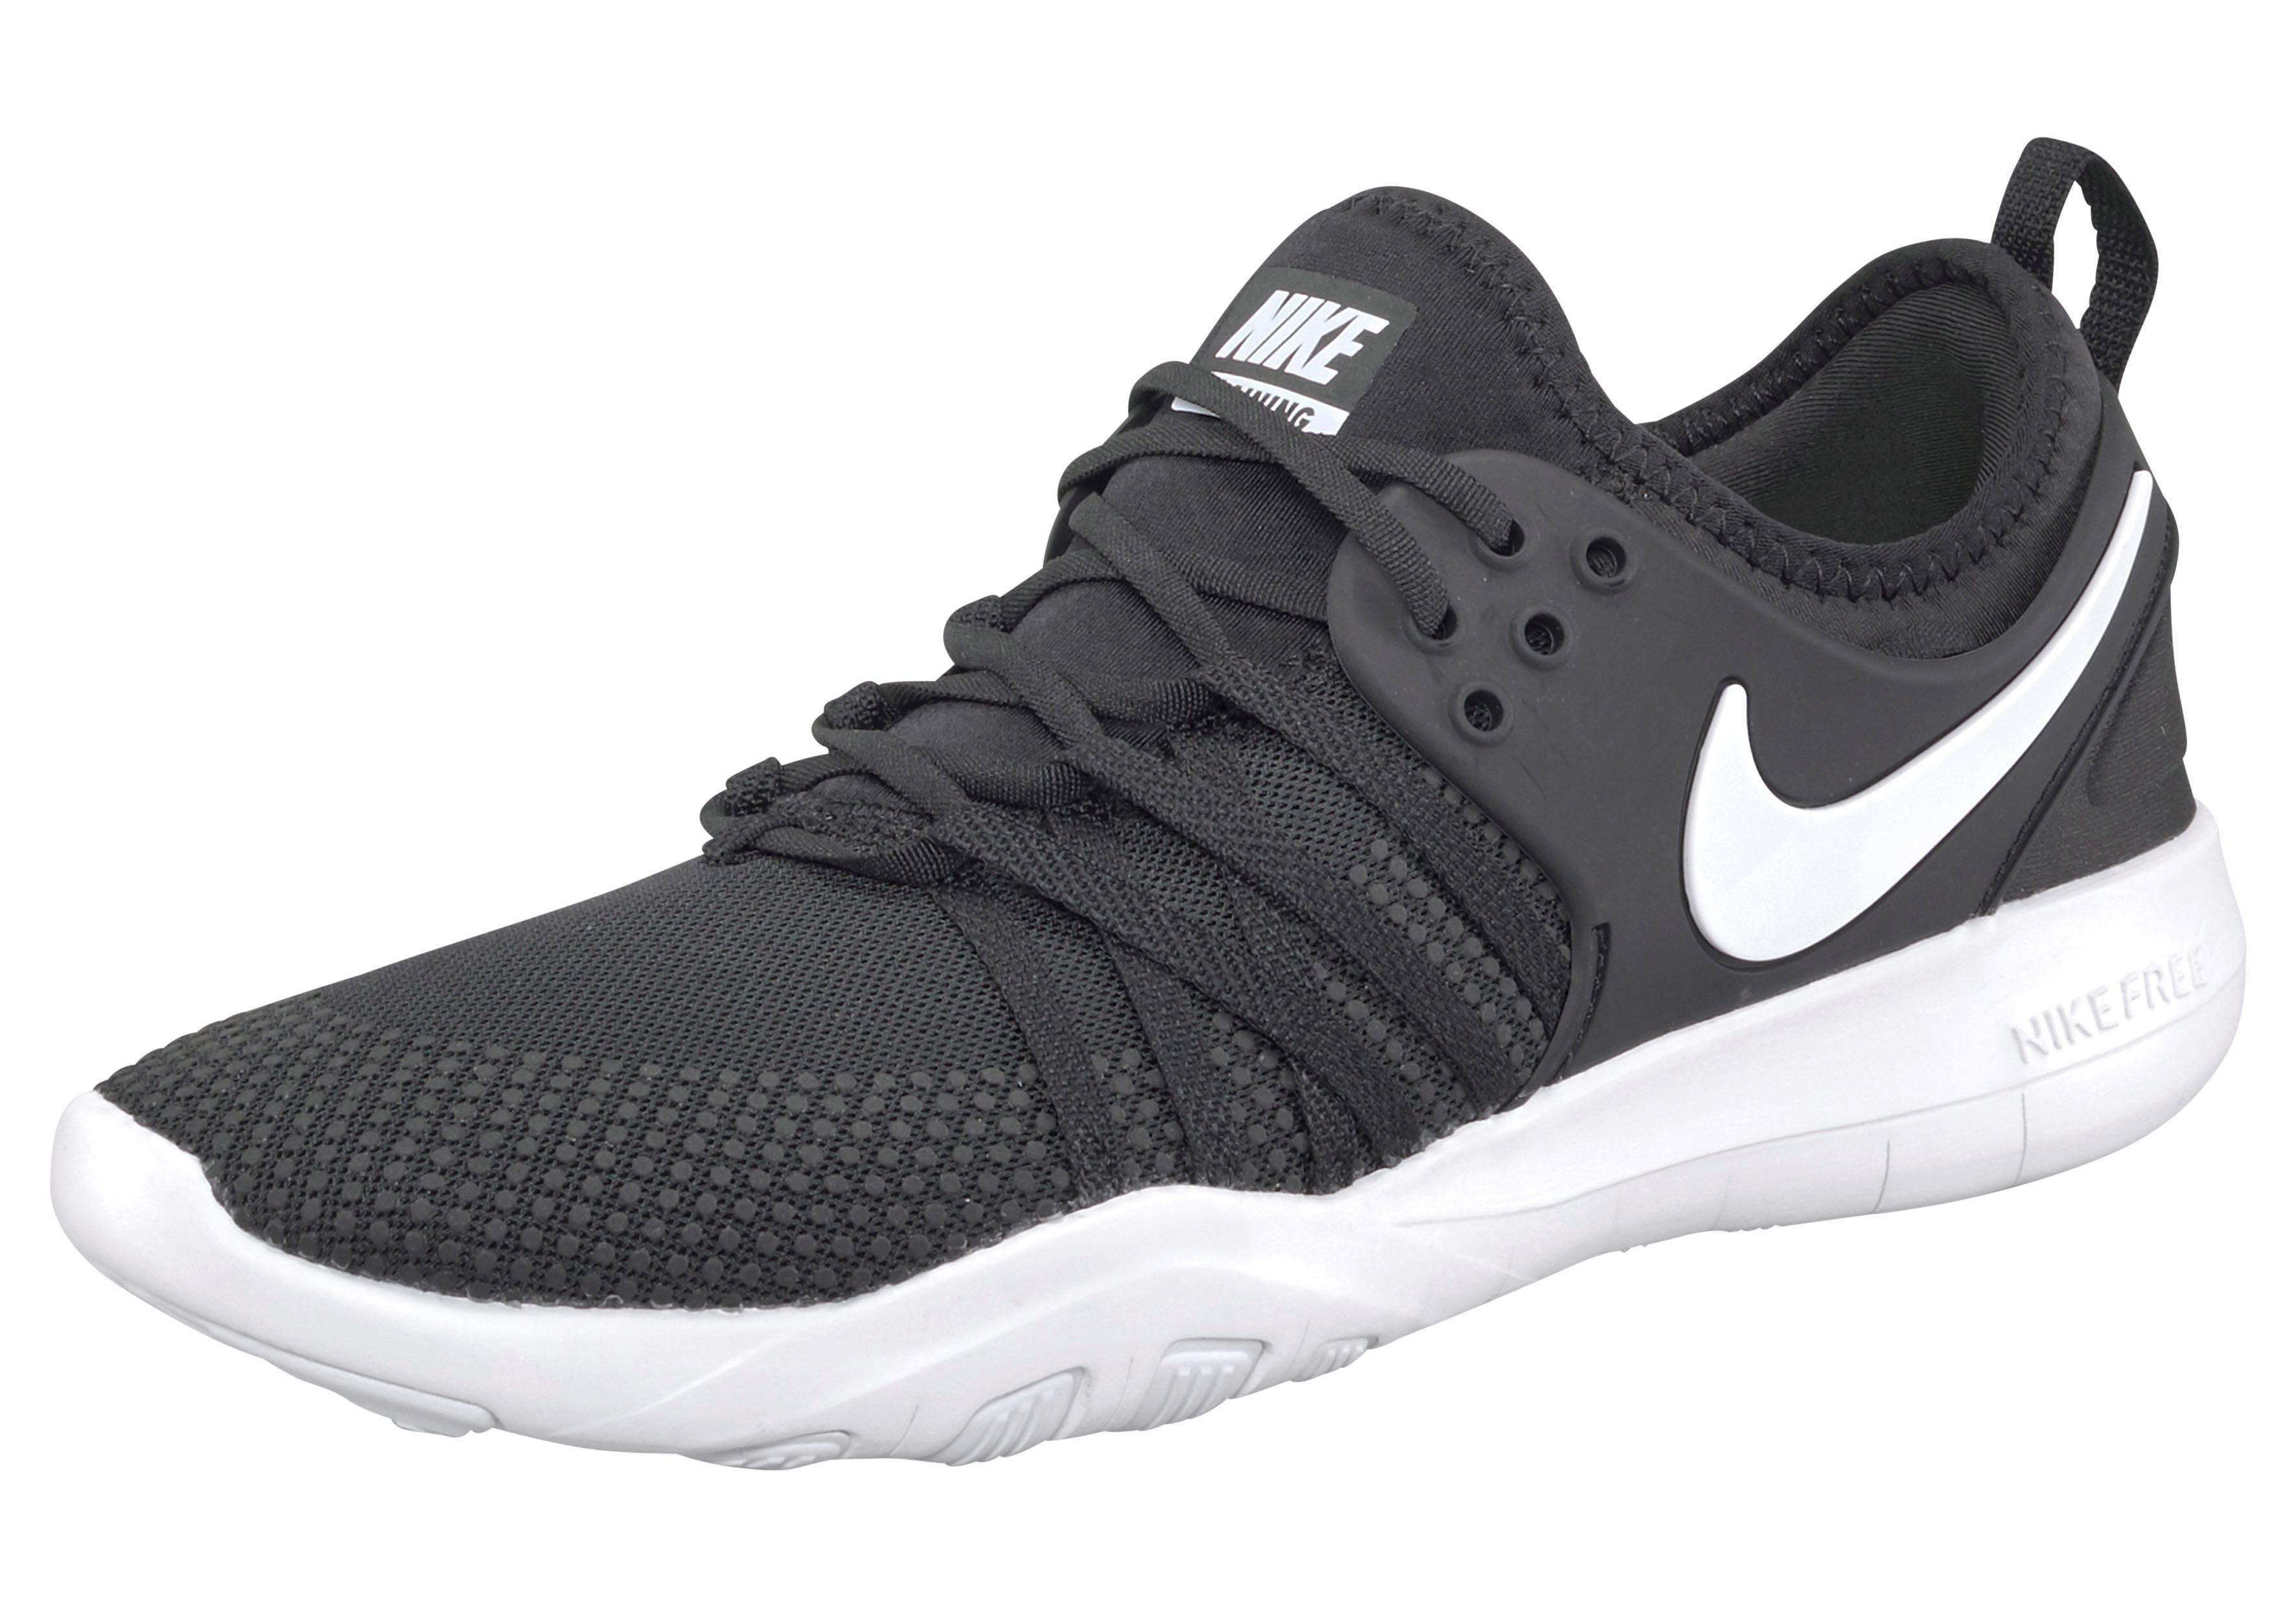 Nike Wmns Free Trainer 7 Fitnessschuh kaufen  schwarz-weiß